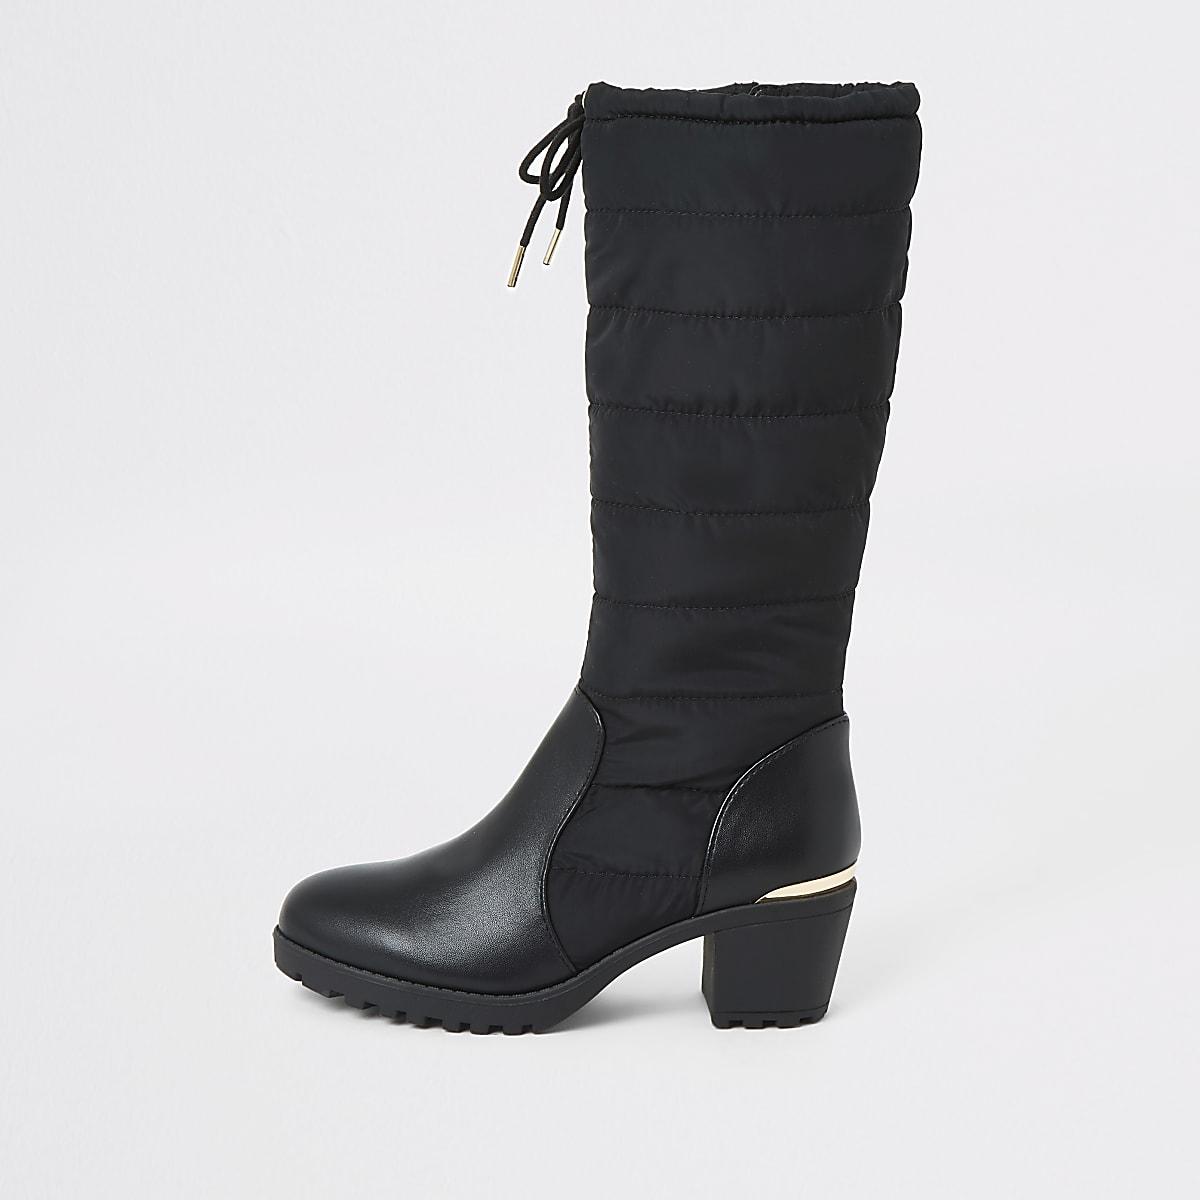 Zwarte gewatteerde kniehoge laarzen met hak voor meisjes